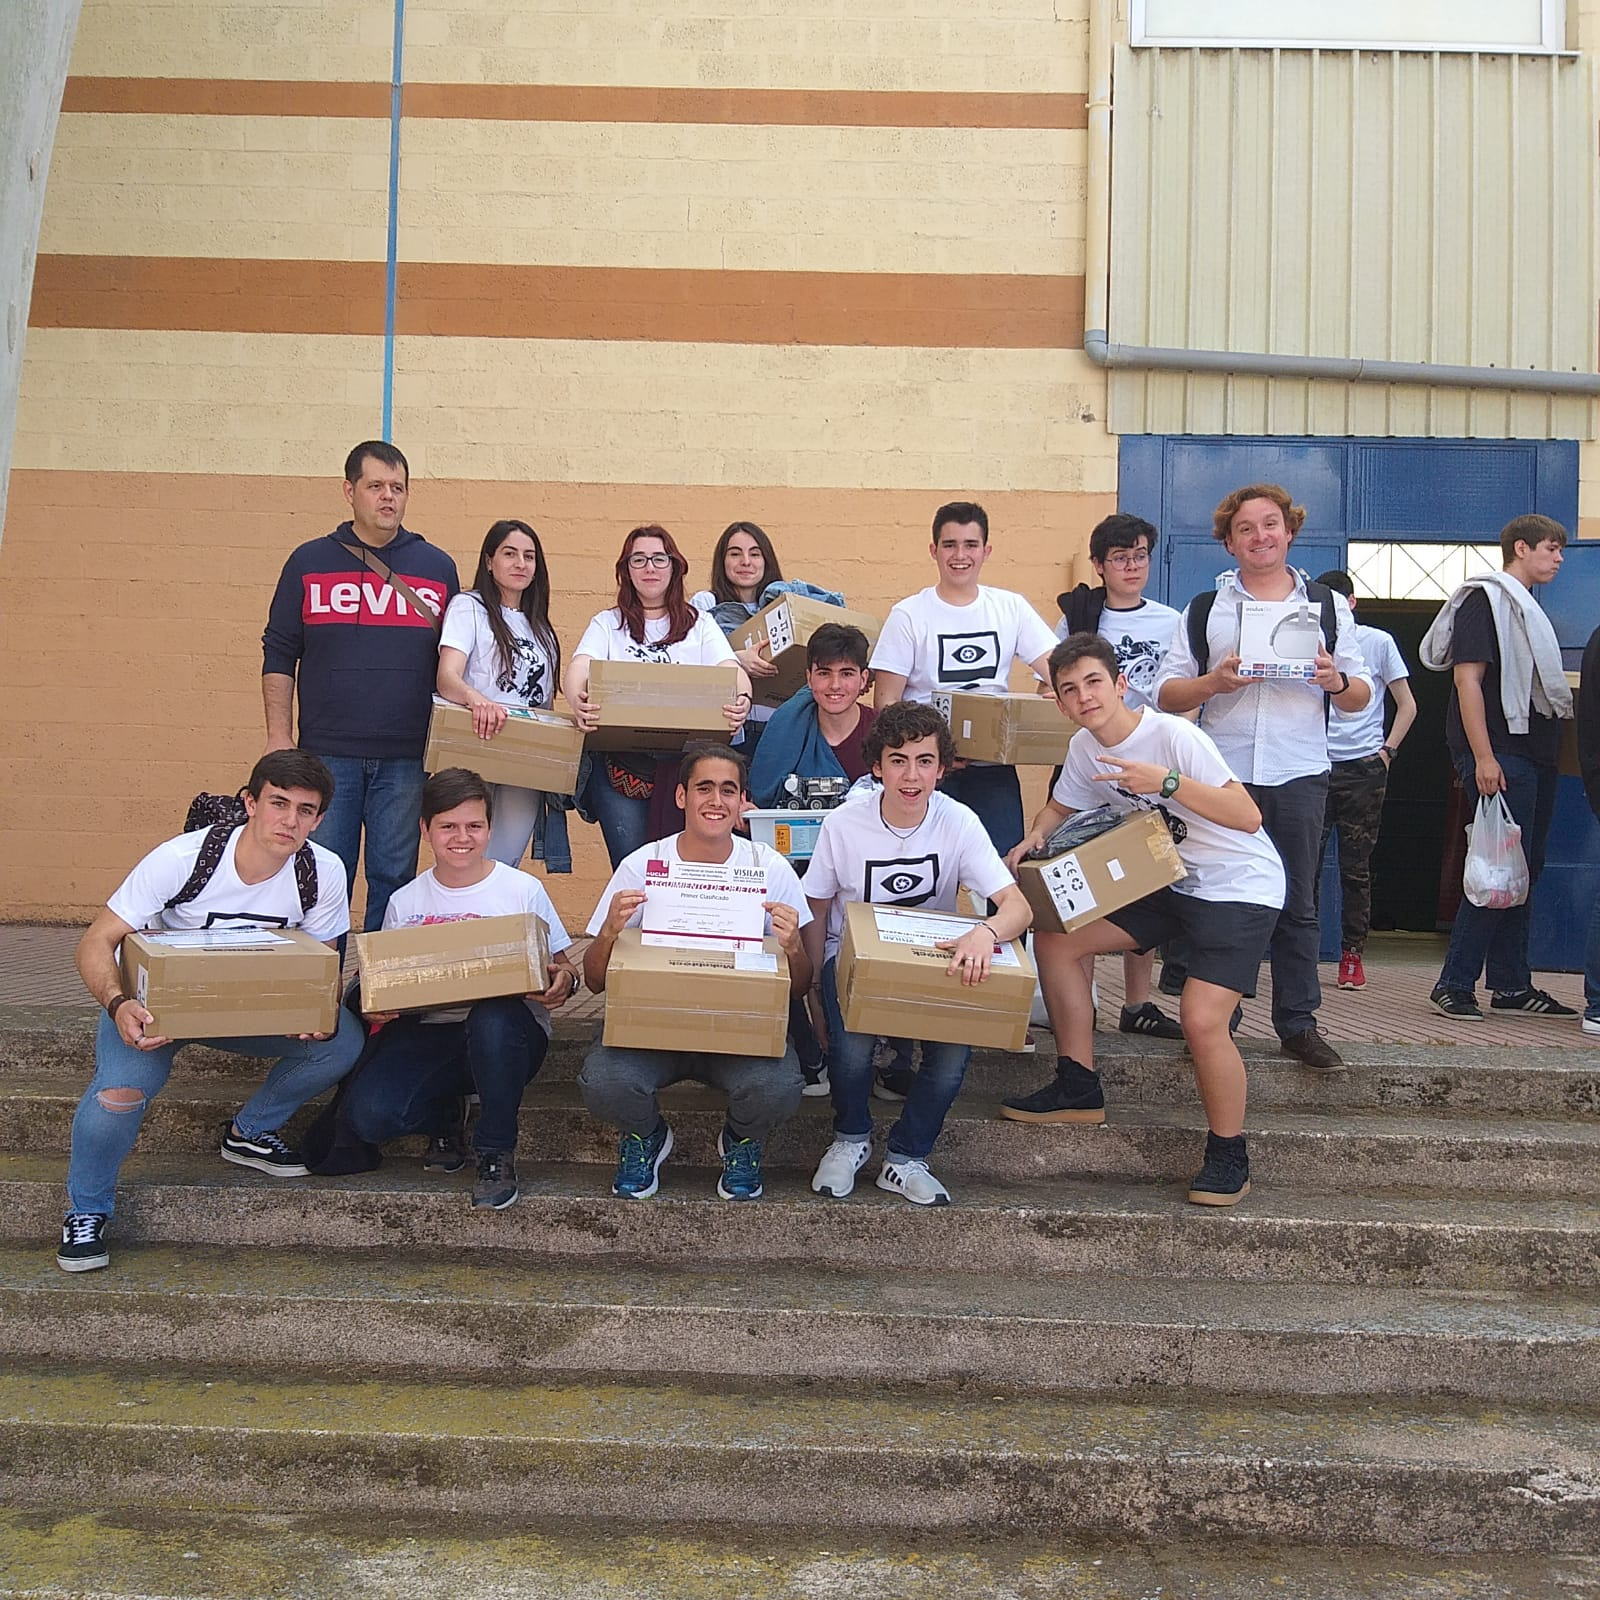 alumnos del Hermógenes en el Concurso de robótica UCLM4 - El Hermógenes triunfa en la competición de robótica para alumnos de secundaria de la UCLM